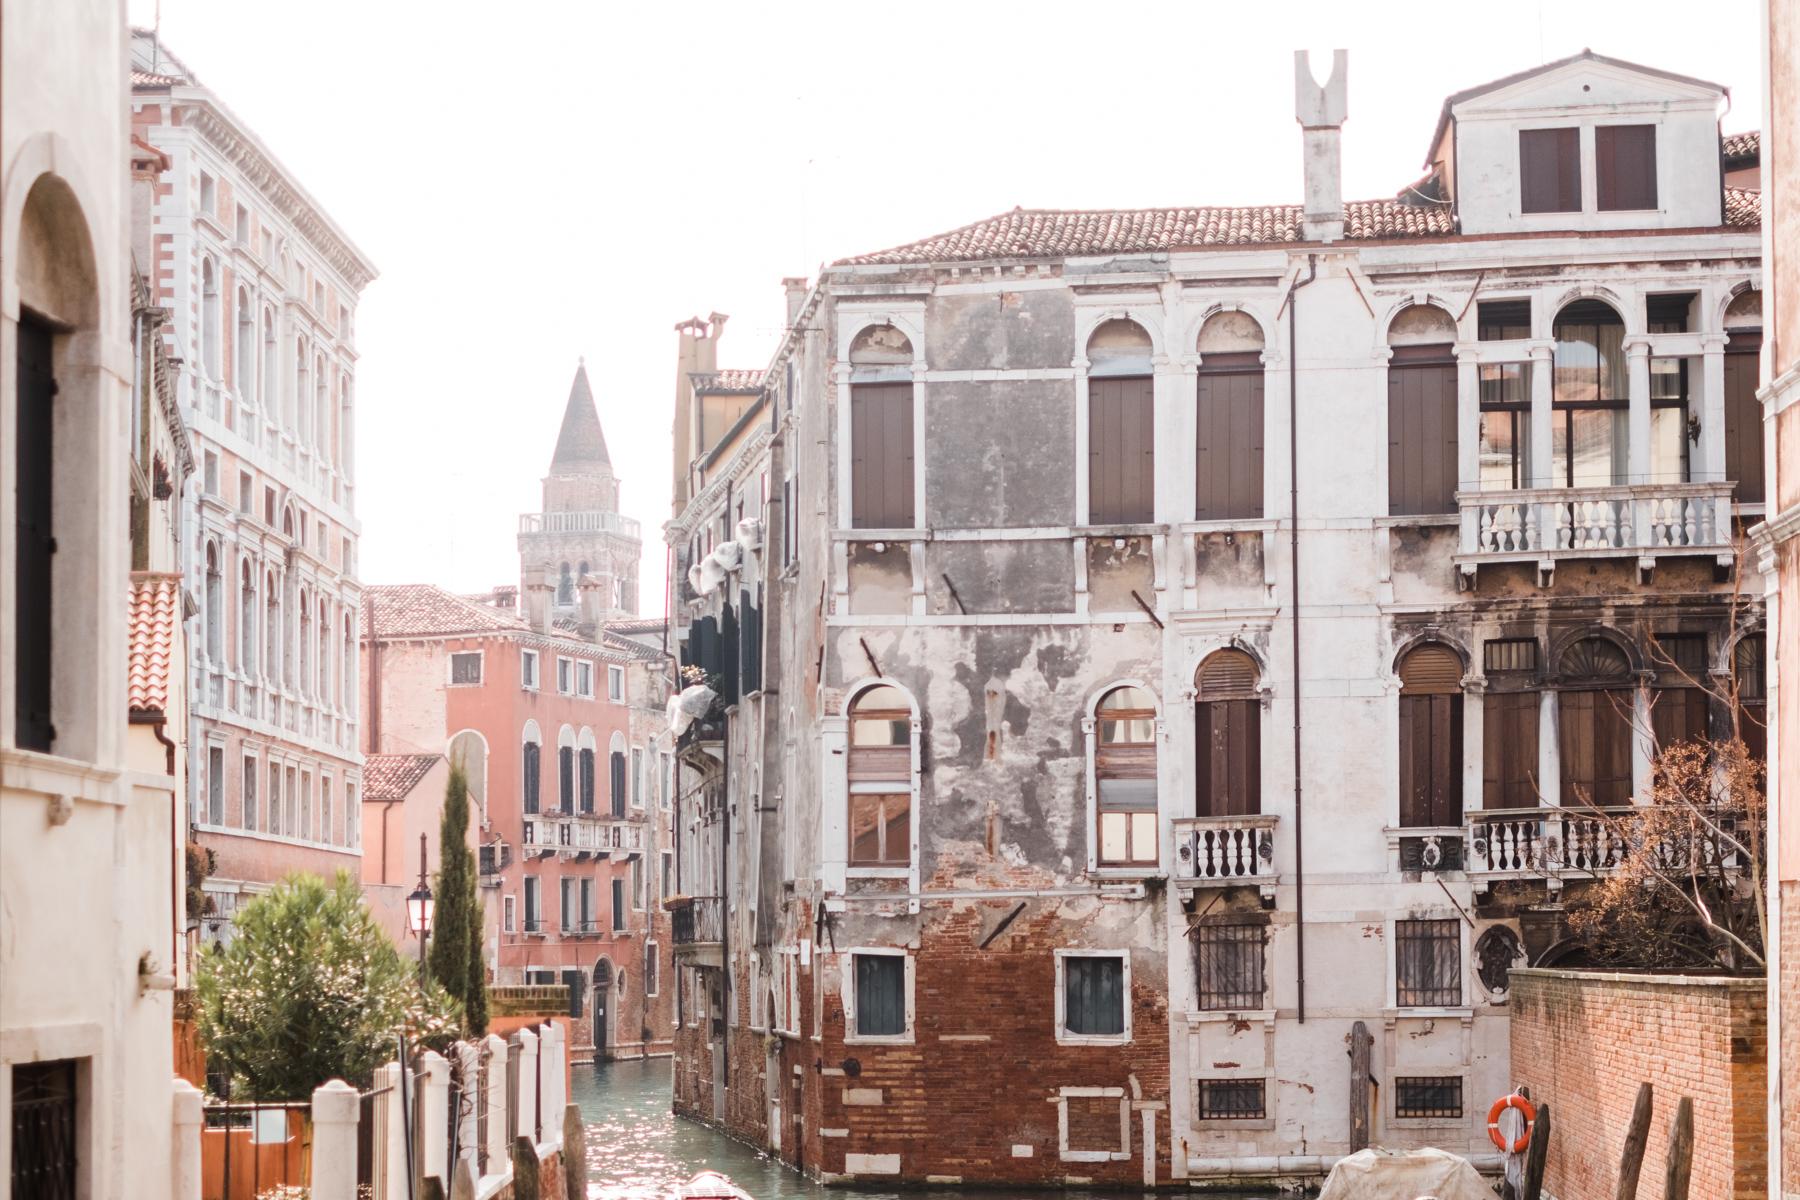 Venice_deersphotography-3